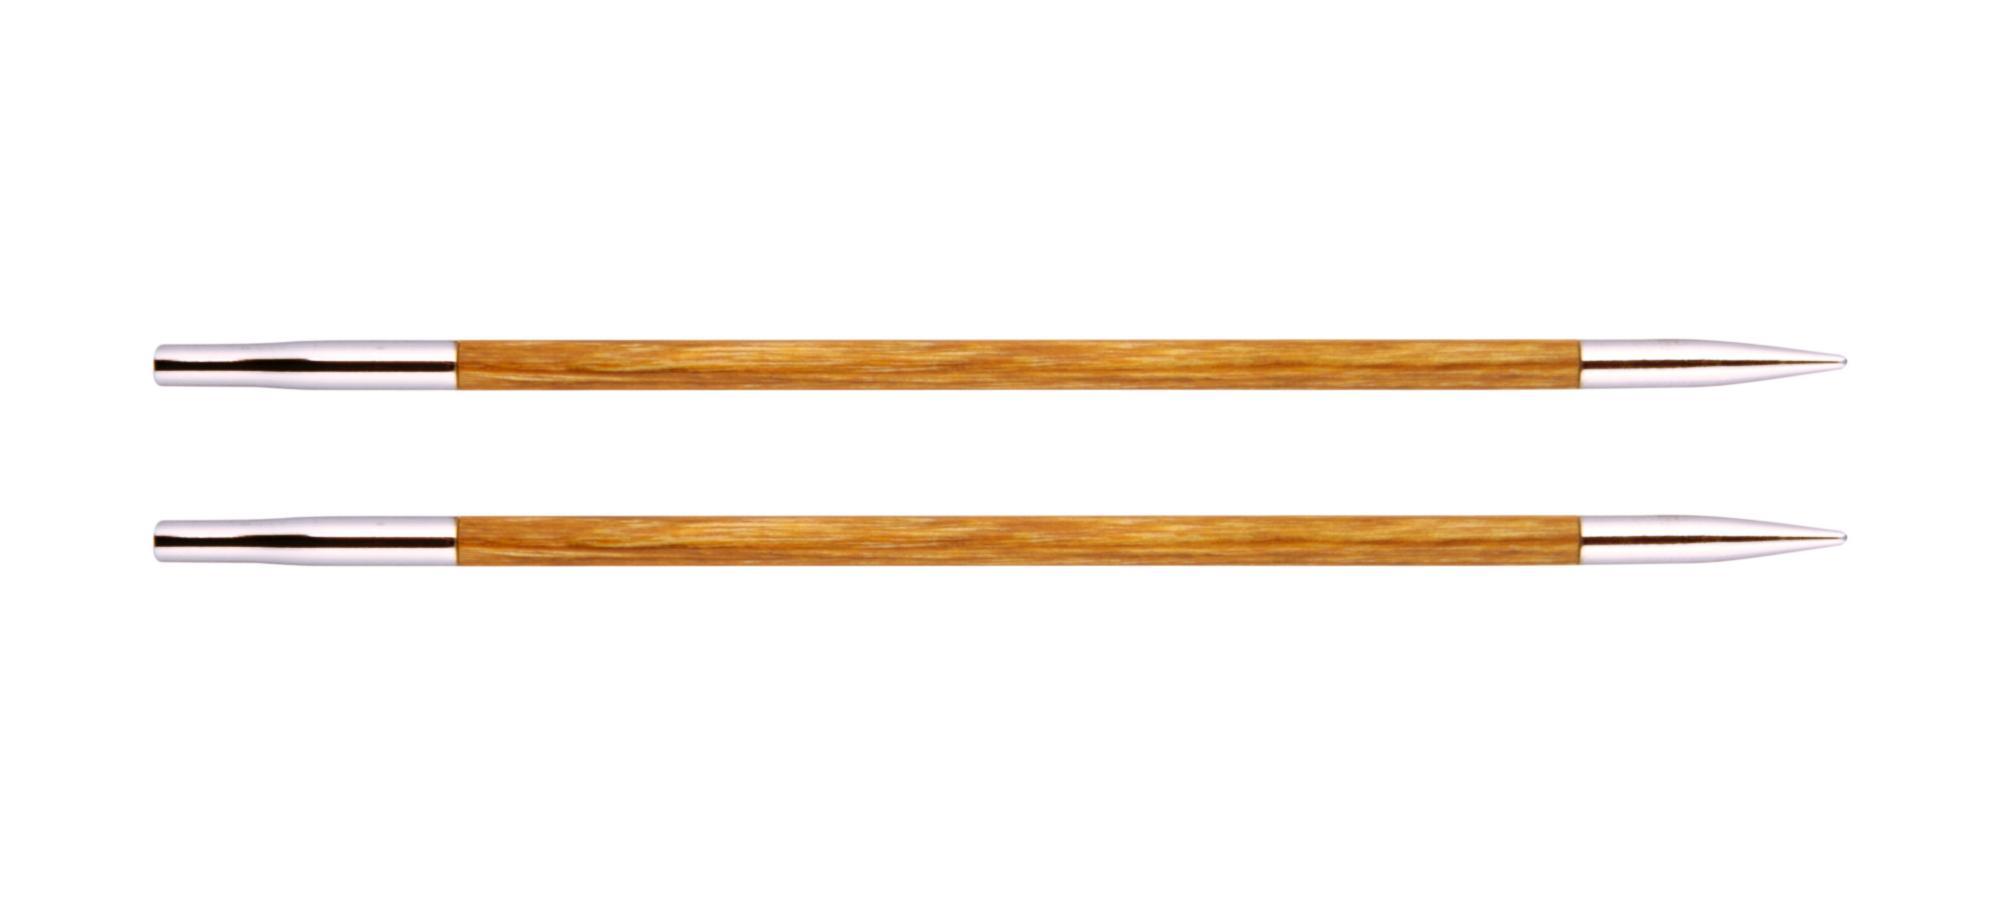 Спицы съемные короткие Royale KnitPro, 29274, 3.75 мм